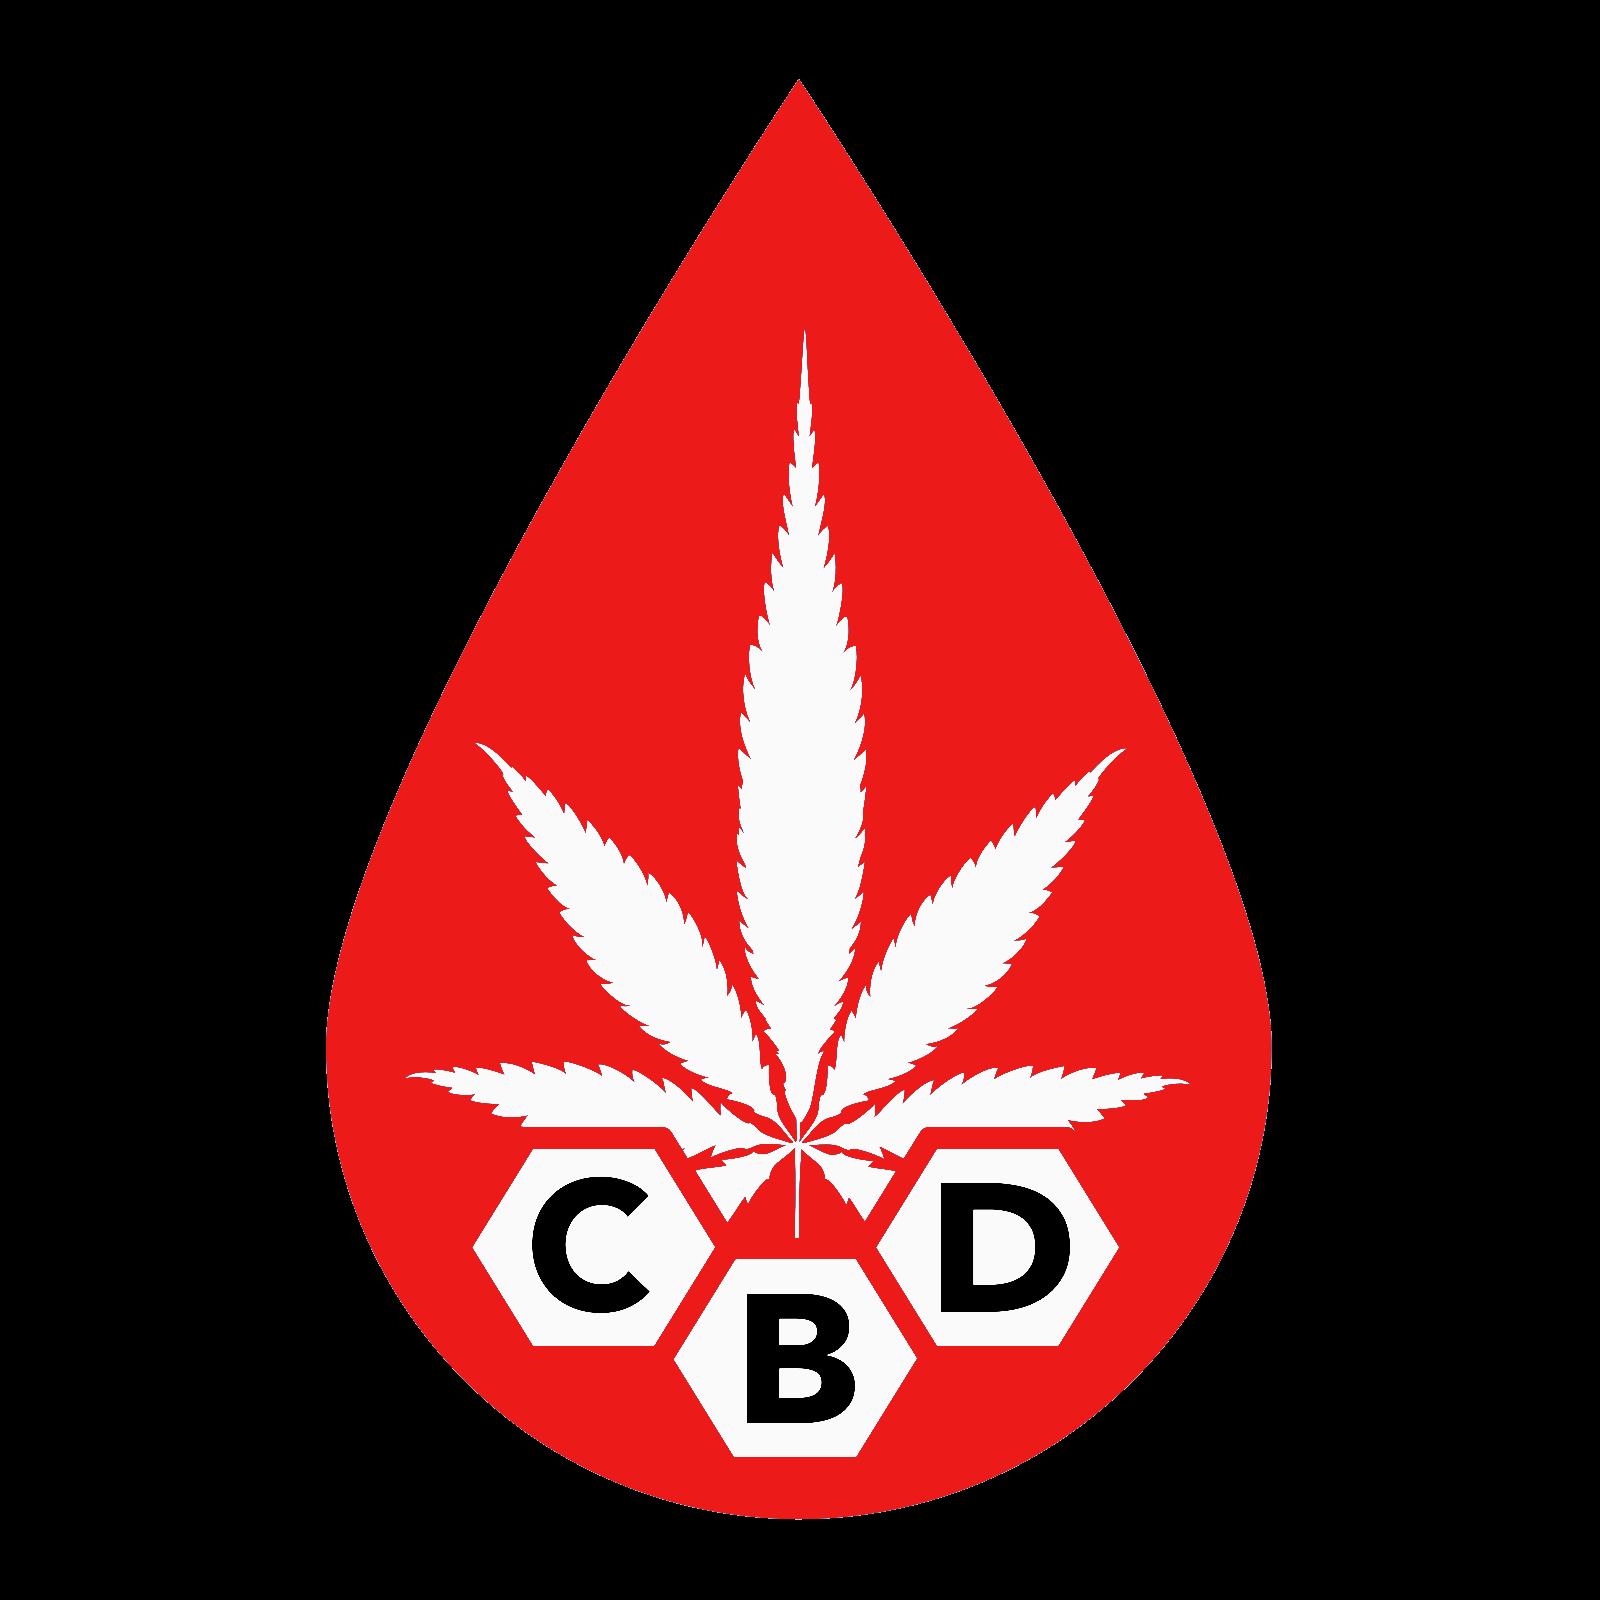 Olejki konopne CBD - Kropla CBD - Dobry olejek CBD